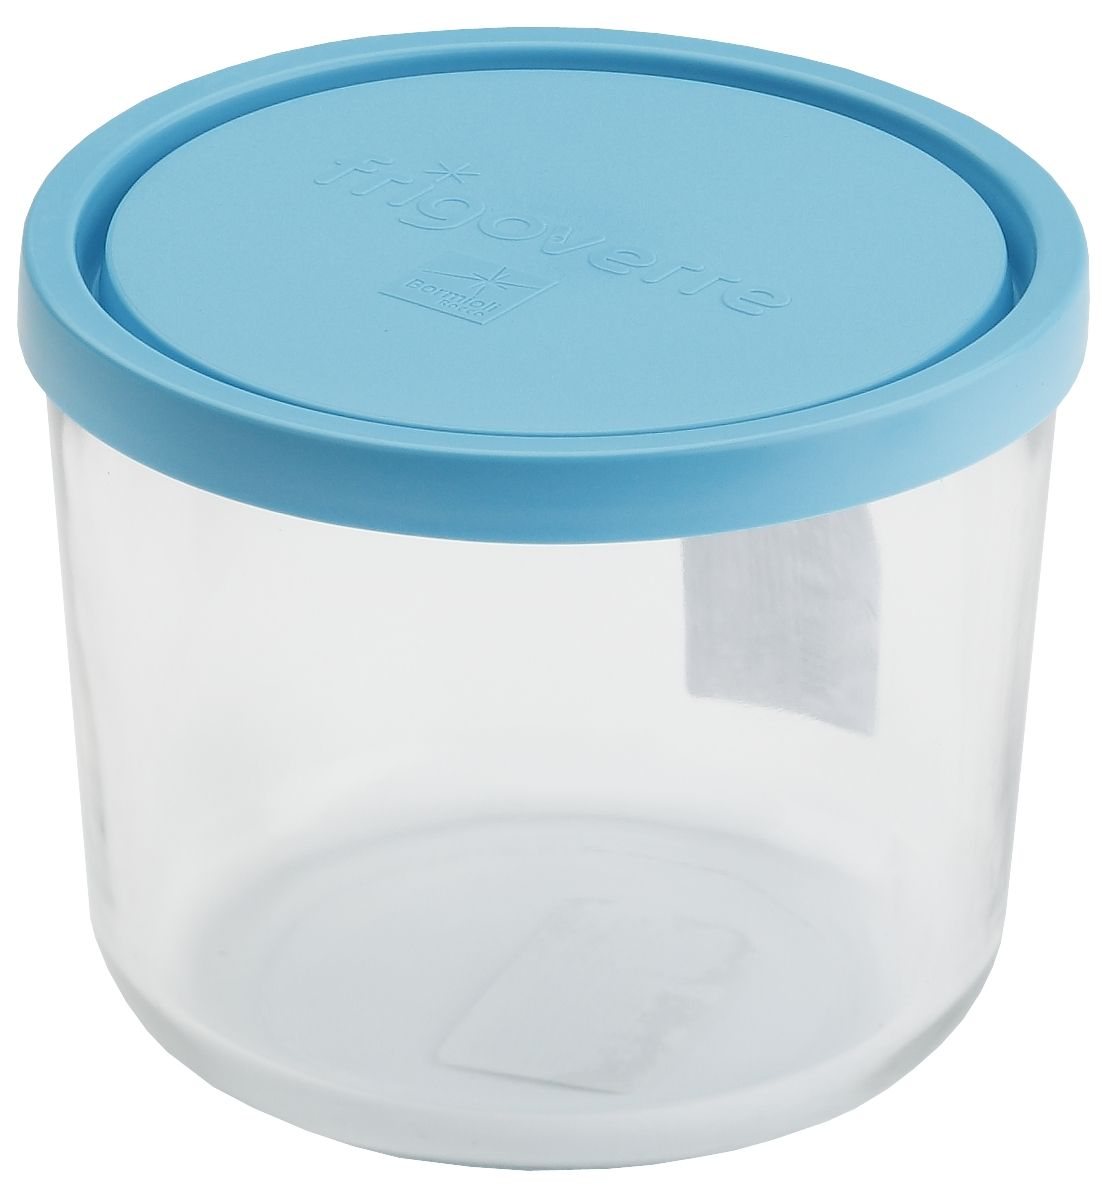 Контейнер Bormioli Rocco Frigoverre, круглый, цвет крышки: синий, 700 мл79 02471Стеклянный герметичный контейнер Bormioli Rocco Frigoverre для хранения пищи с синей крышкой. Из холодильника сразу в микроволновую печь! Выдерживают температурный удар от - 20С до +70С. Безопасны для хранения готовых продуктов. Не содержат Бисфенол А. BPA Free. Закаленное стекло. В 5 раз повышена ударостойкость. Устойчивы к царапинам и сколам. Удобство использования. Изделия легко моются. Можно использовать в посудомоечной машине. Настоящее итальянское качество!